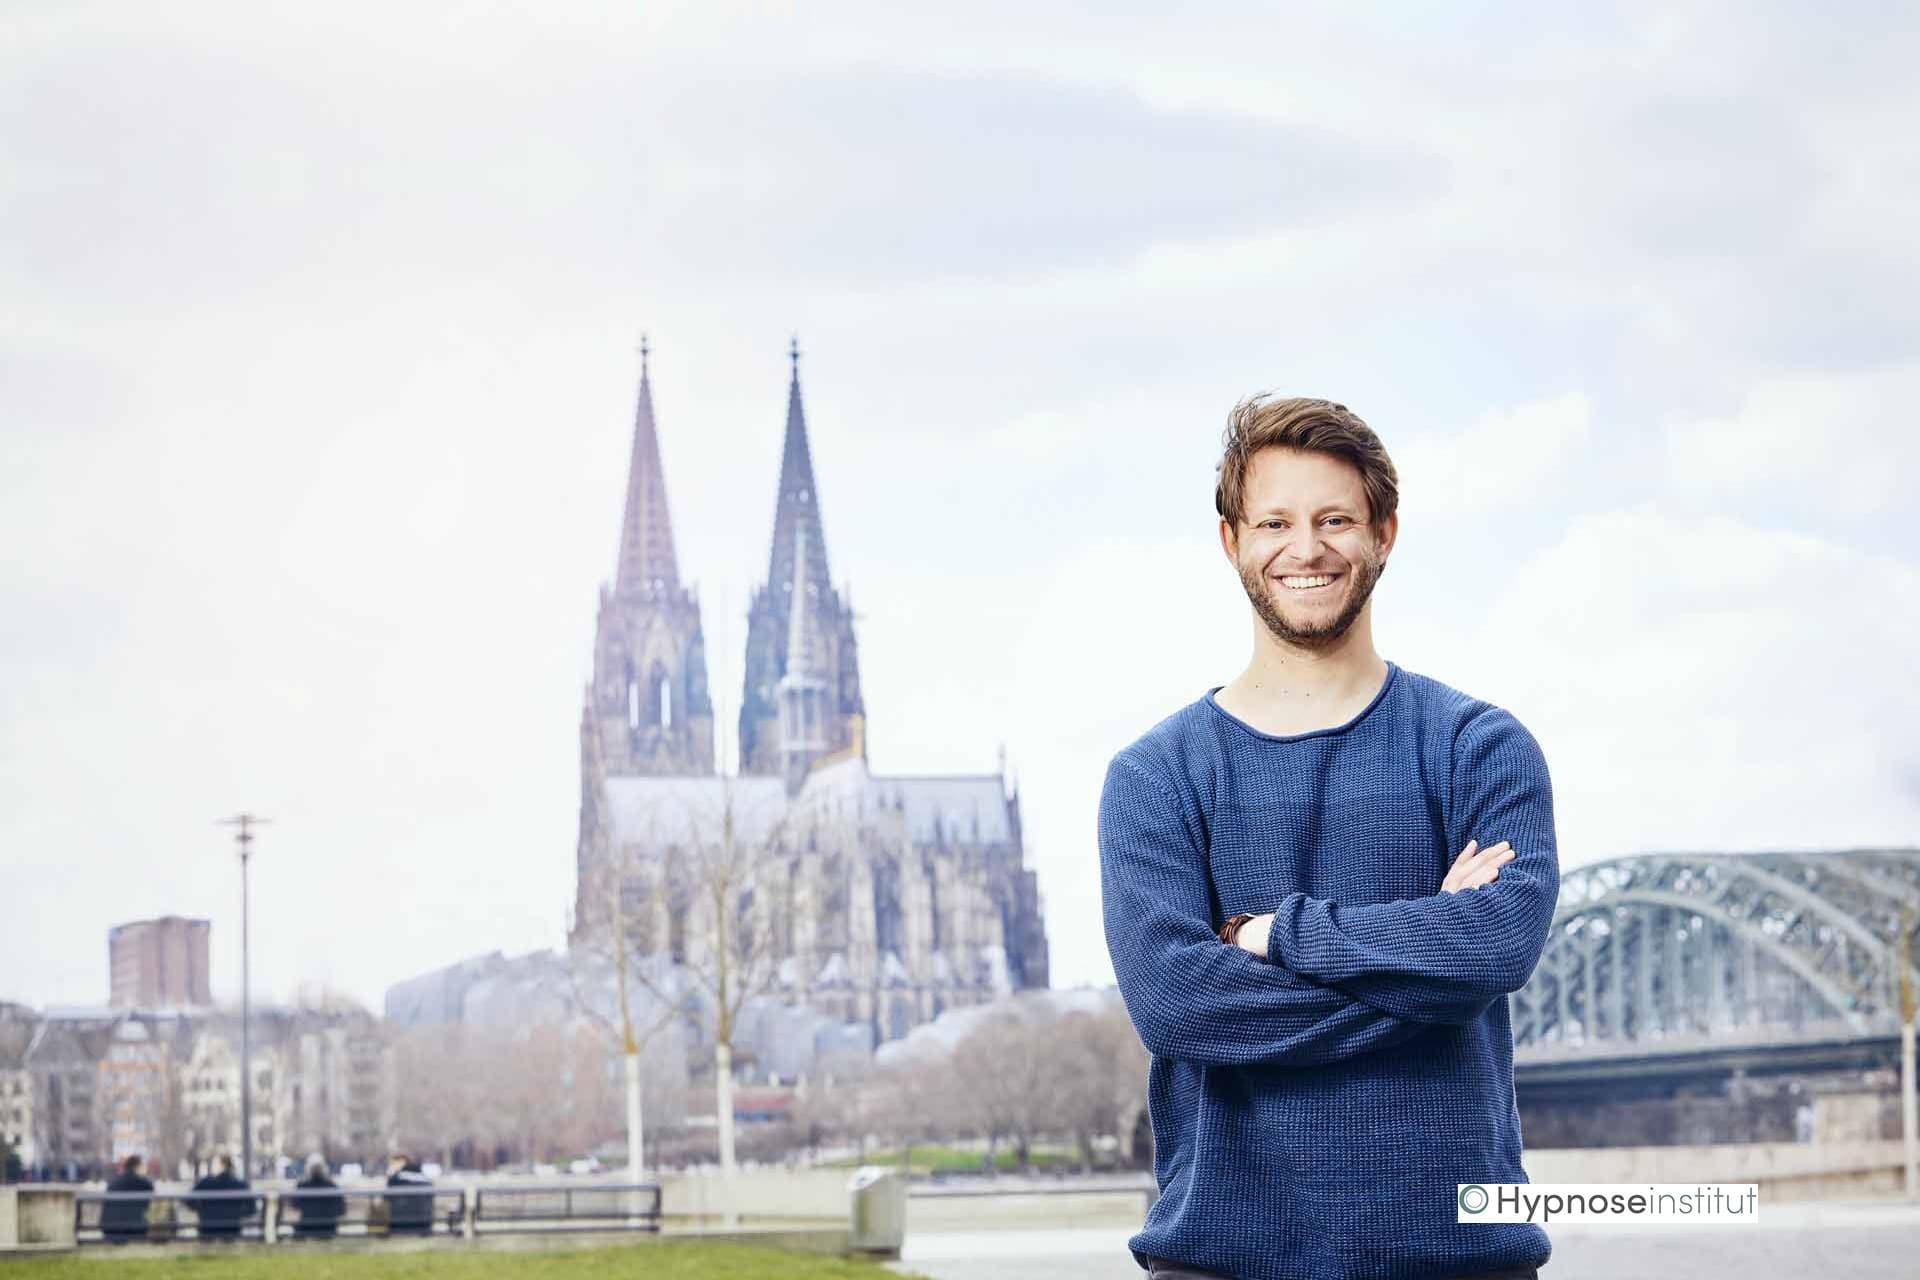 Simon Brocher ergänzt das Team des Hypnoseinstituts in Köln